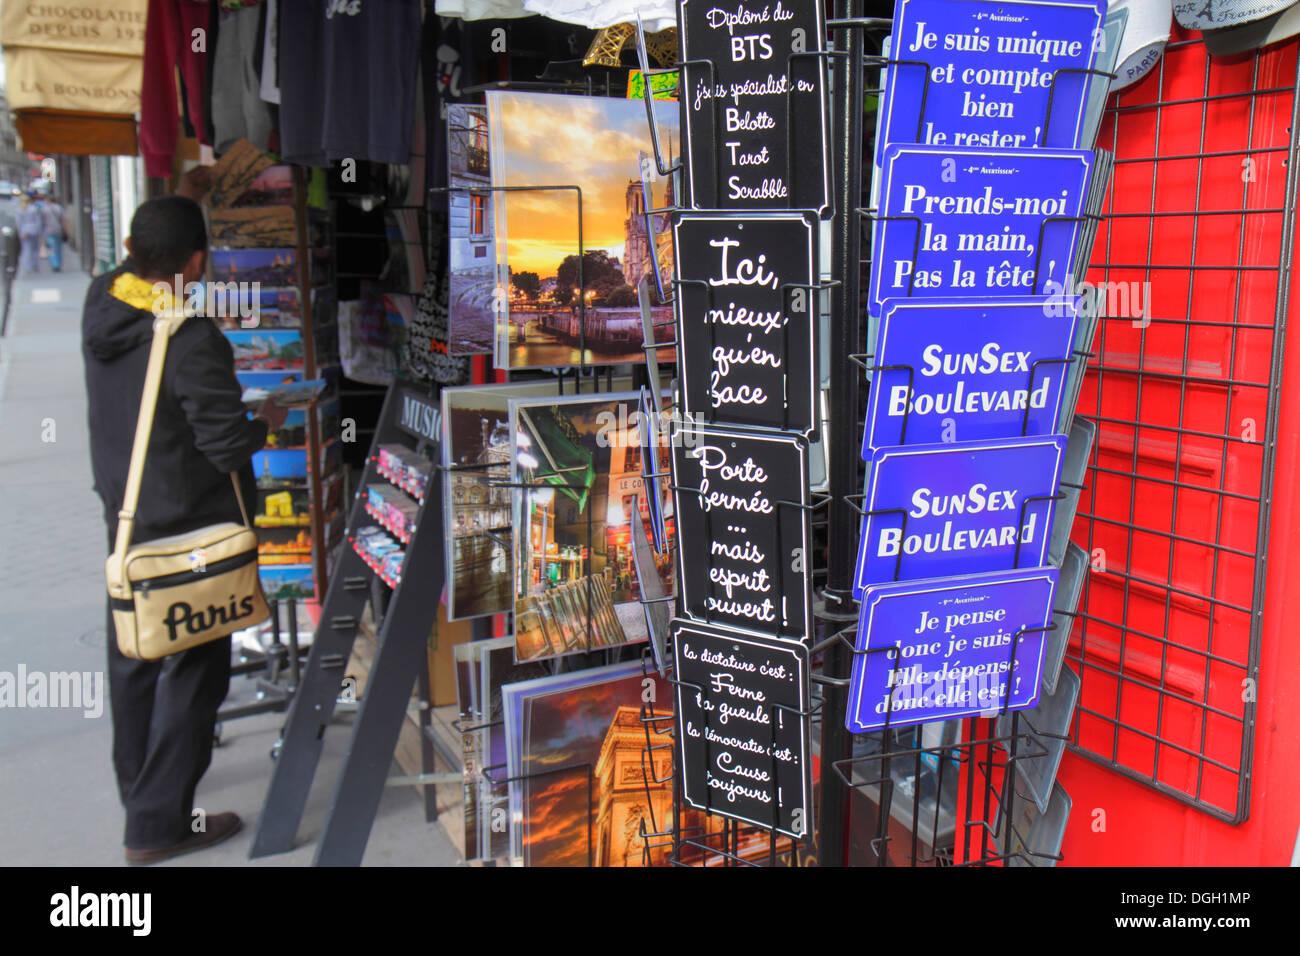 Paris France Europe French 9th arrondissement Place d'Estienne d'Orves souvenir shop store sale shopping humor humour - Stock Image